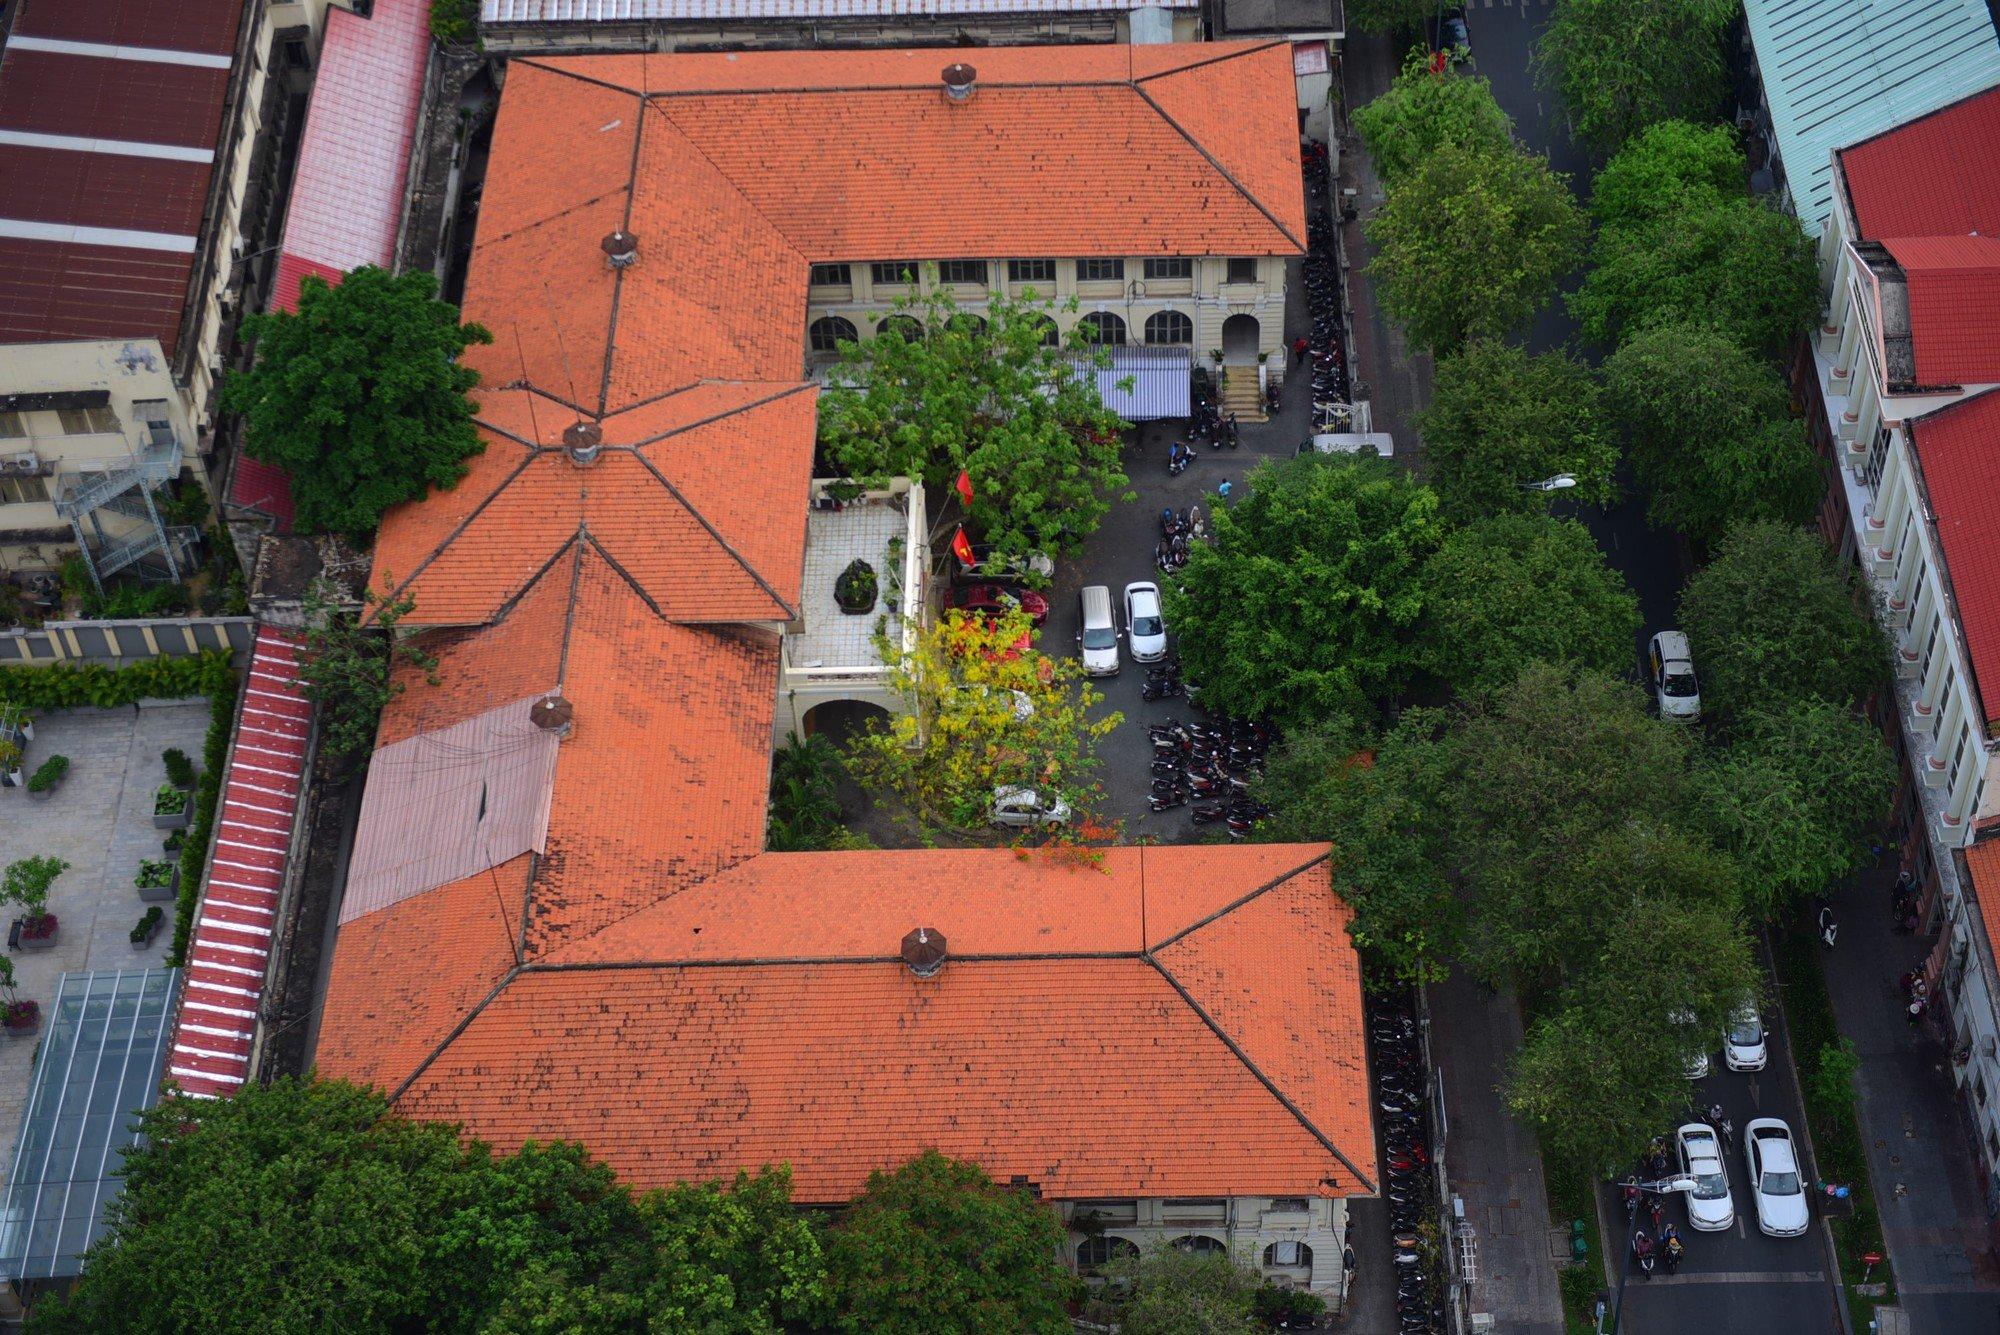 Cận cảnh dinh Thượng Thơ 120 năm tuổi ở Sài Gòn có nguy cơ bị đập bỏ 6